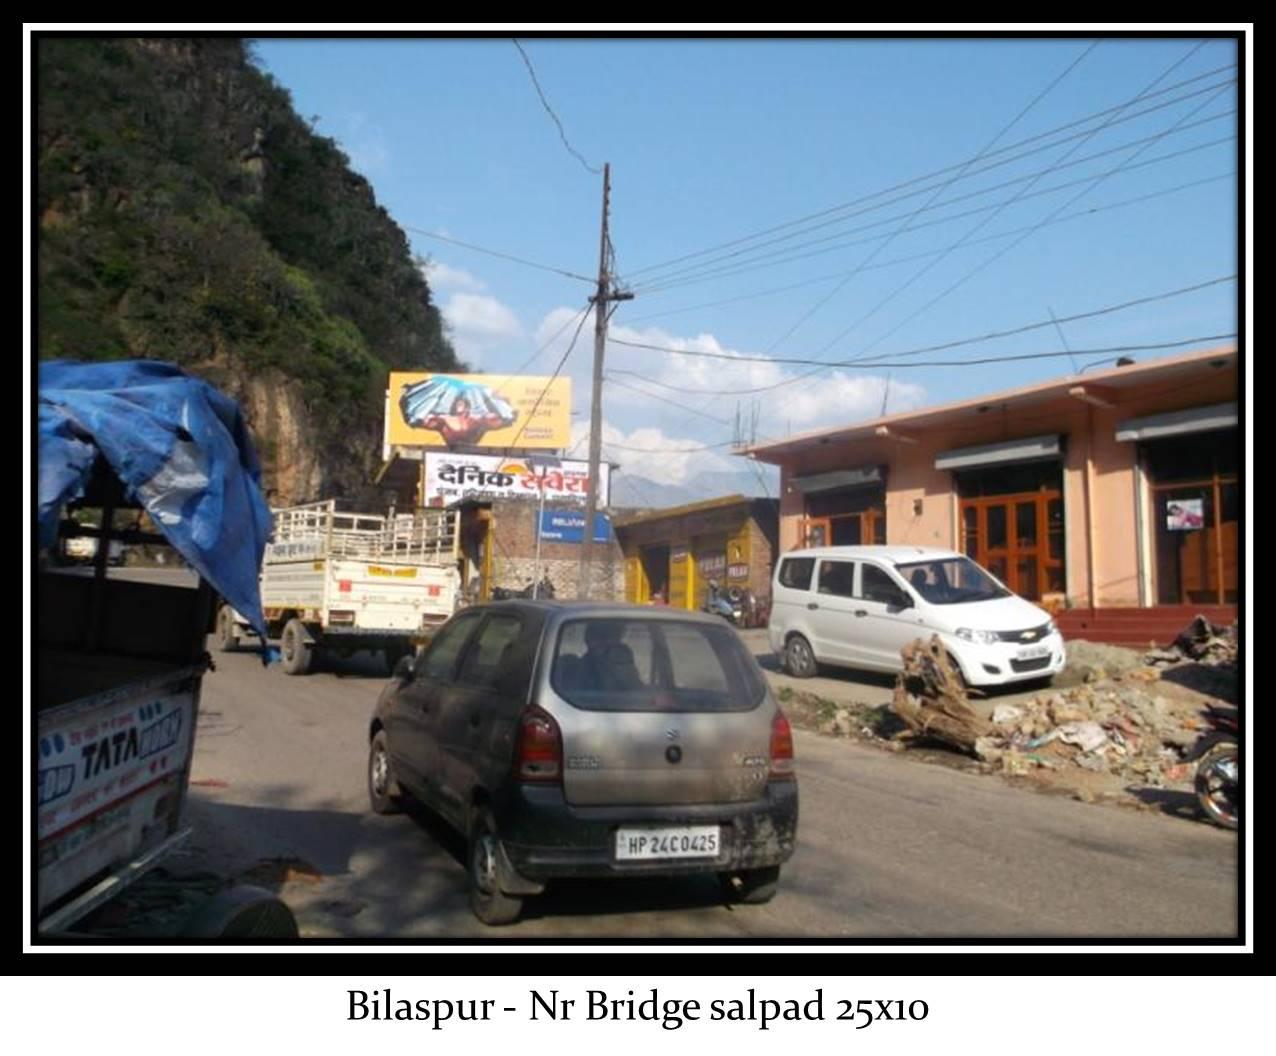 Nr Bridge salpad, Bilaspur